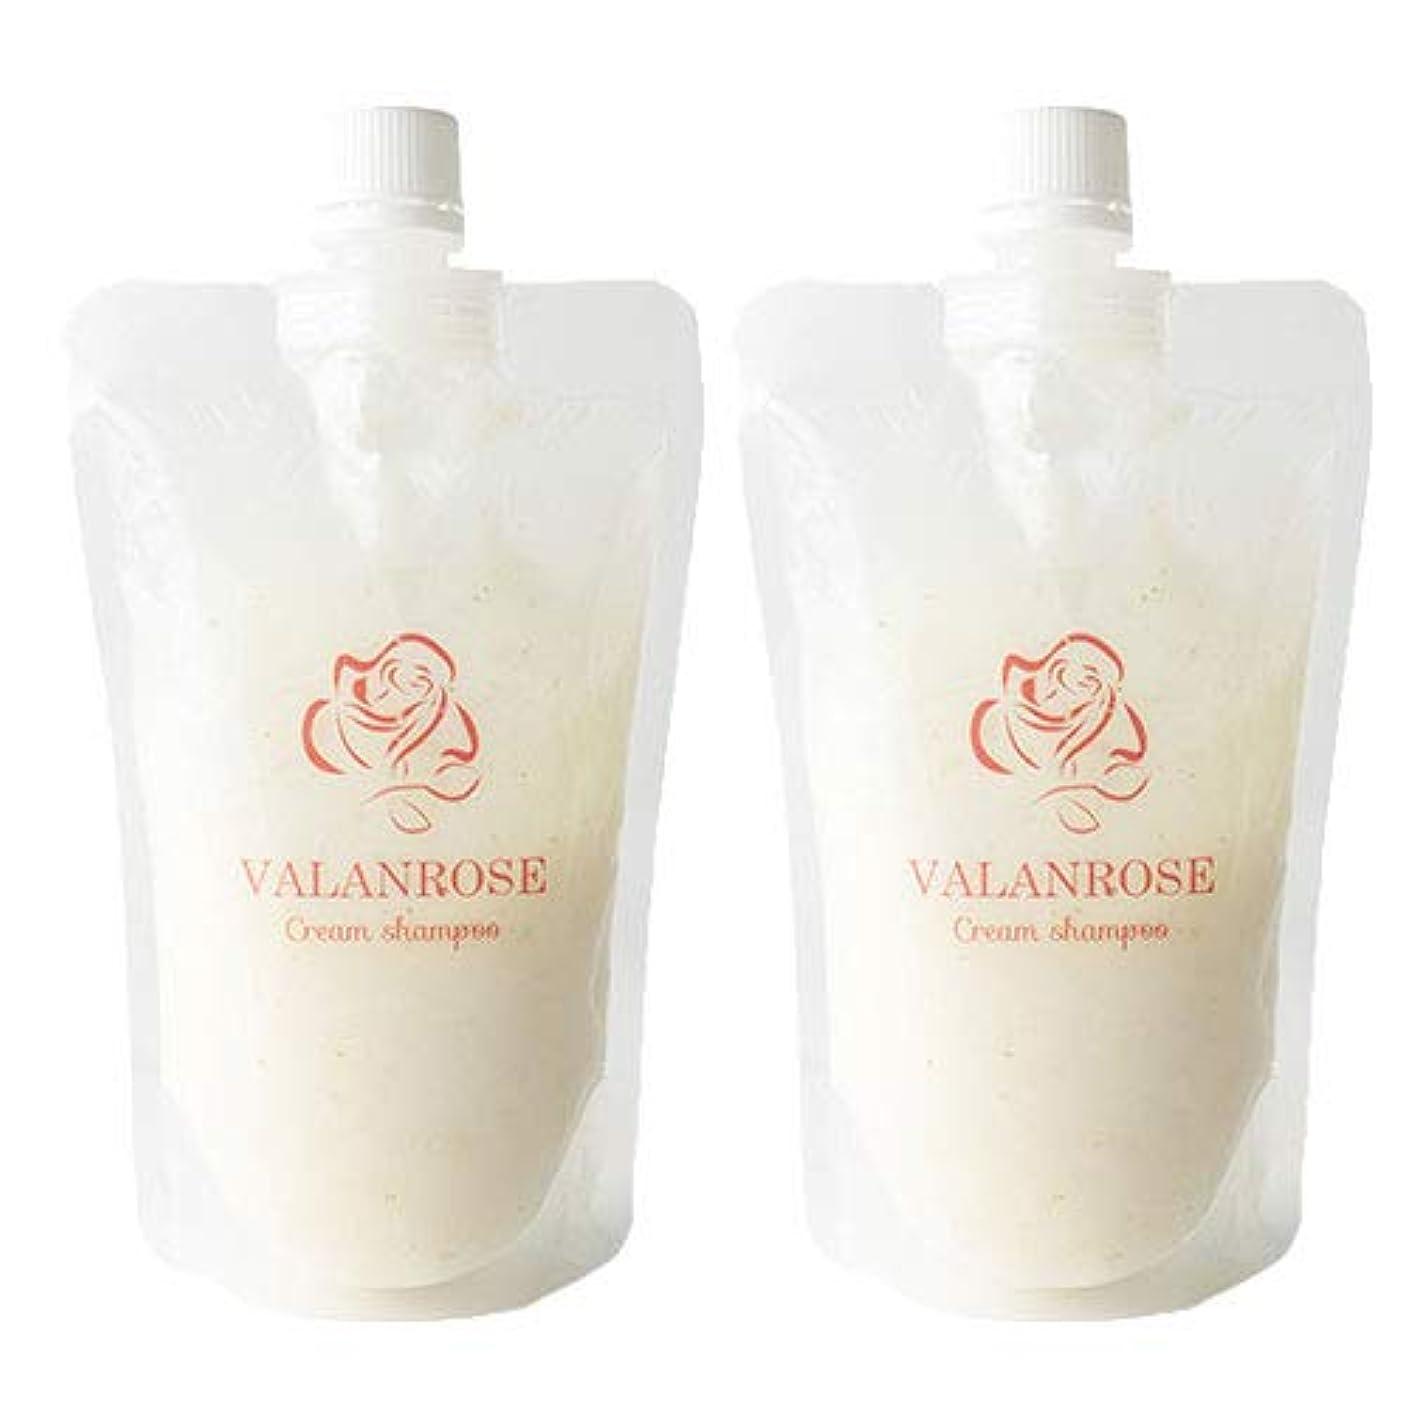 注ぎます神額バランローズ クリームシャンプー2個×1セット VALANROSE Cream shampoo/シャンプー クリームシャンプー 髪 ヘアケア